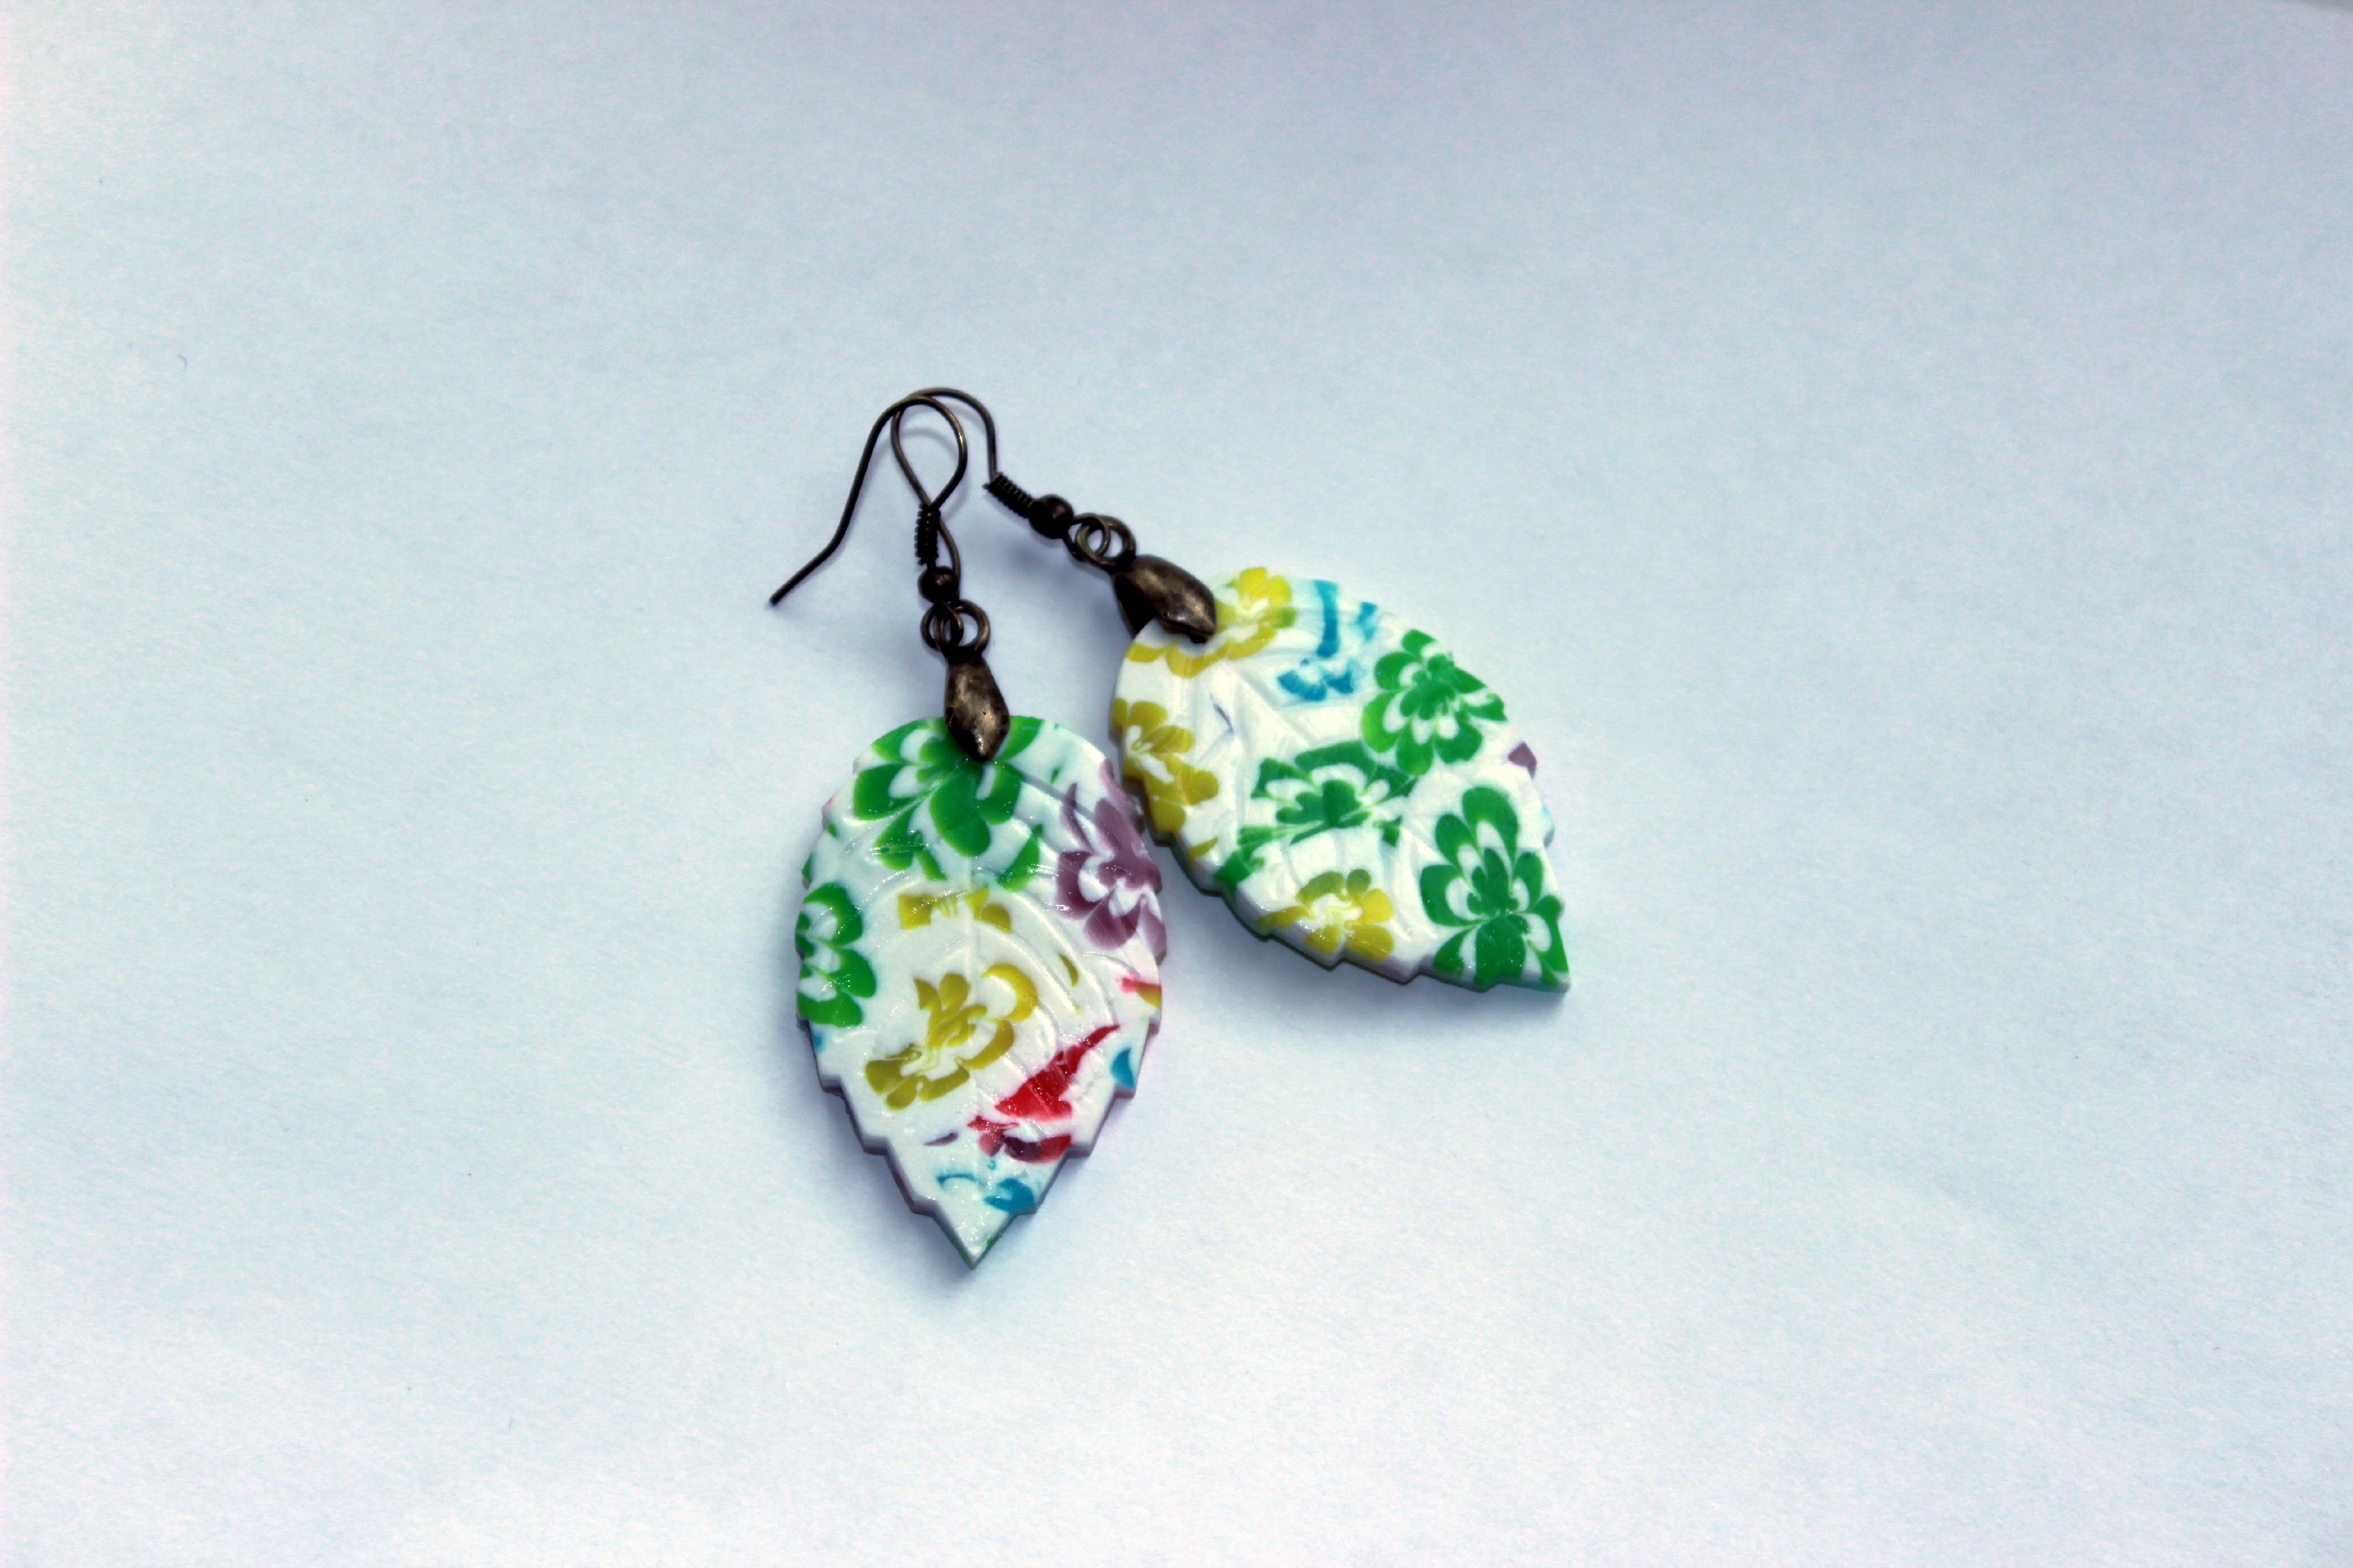 прозрачные листочки украшенияглиналетобижутерия серьги яркие разноцветные